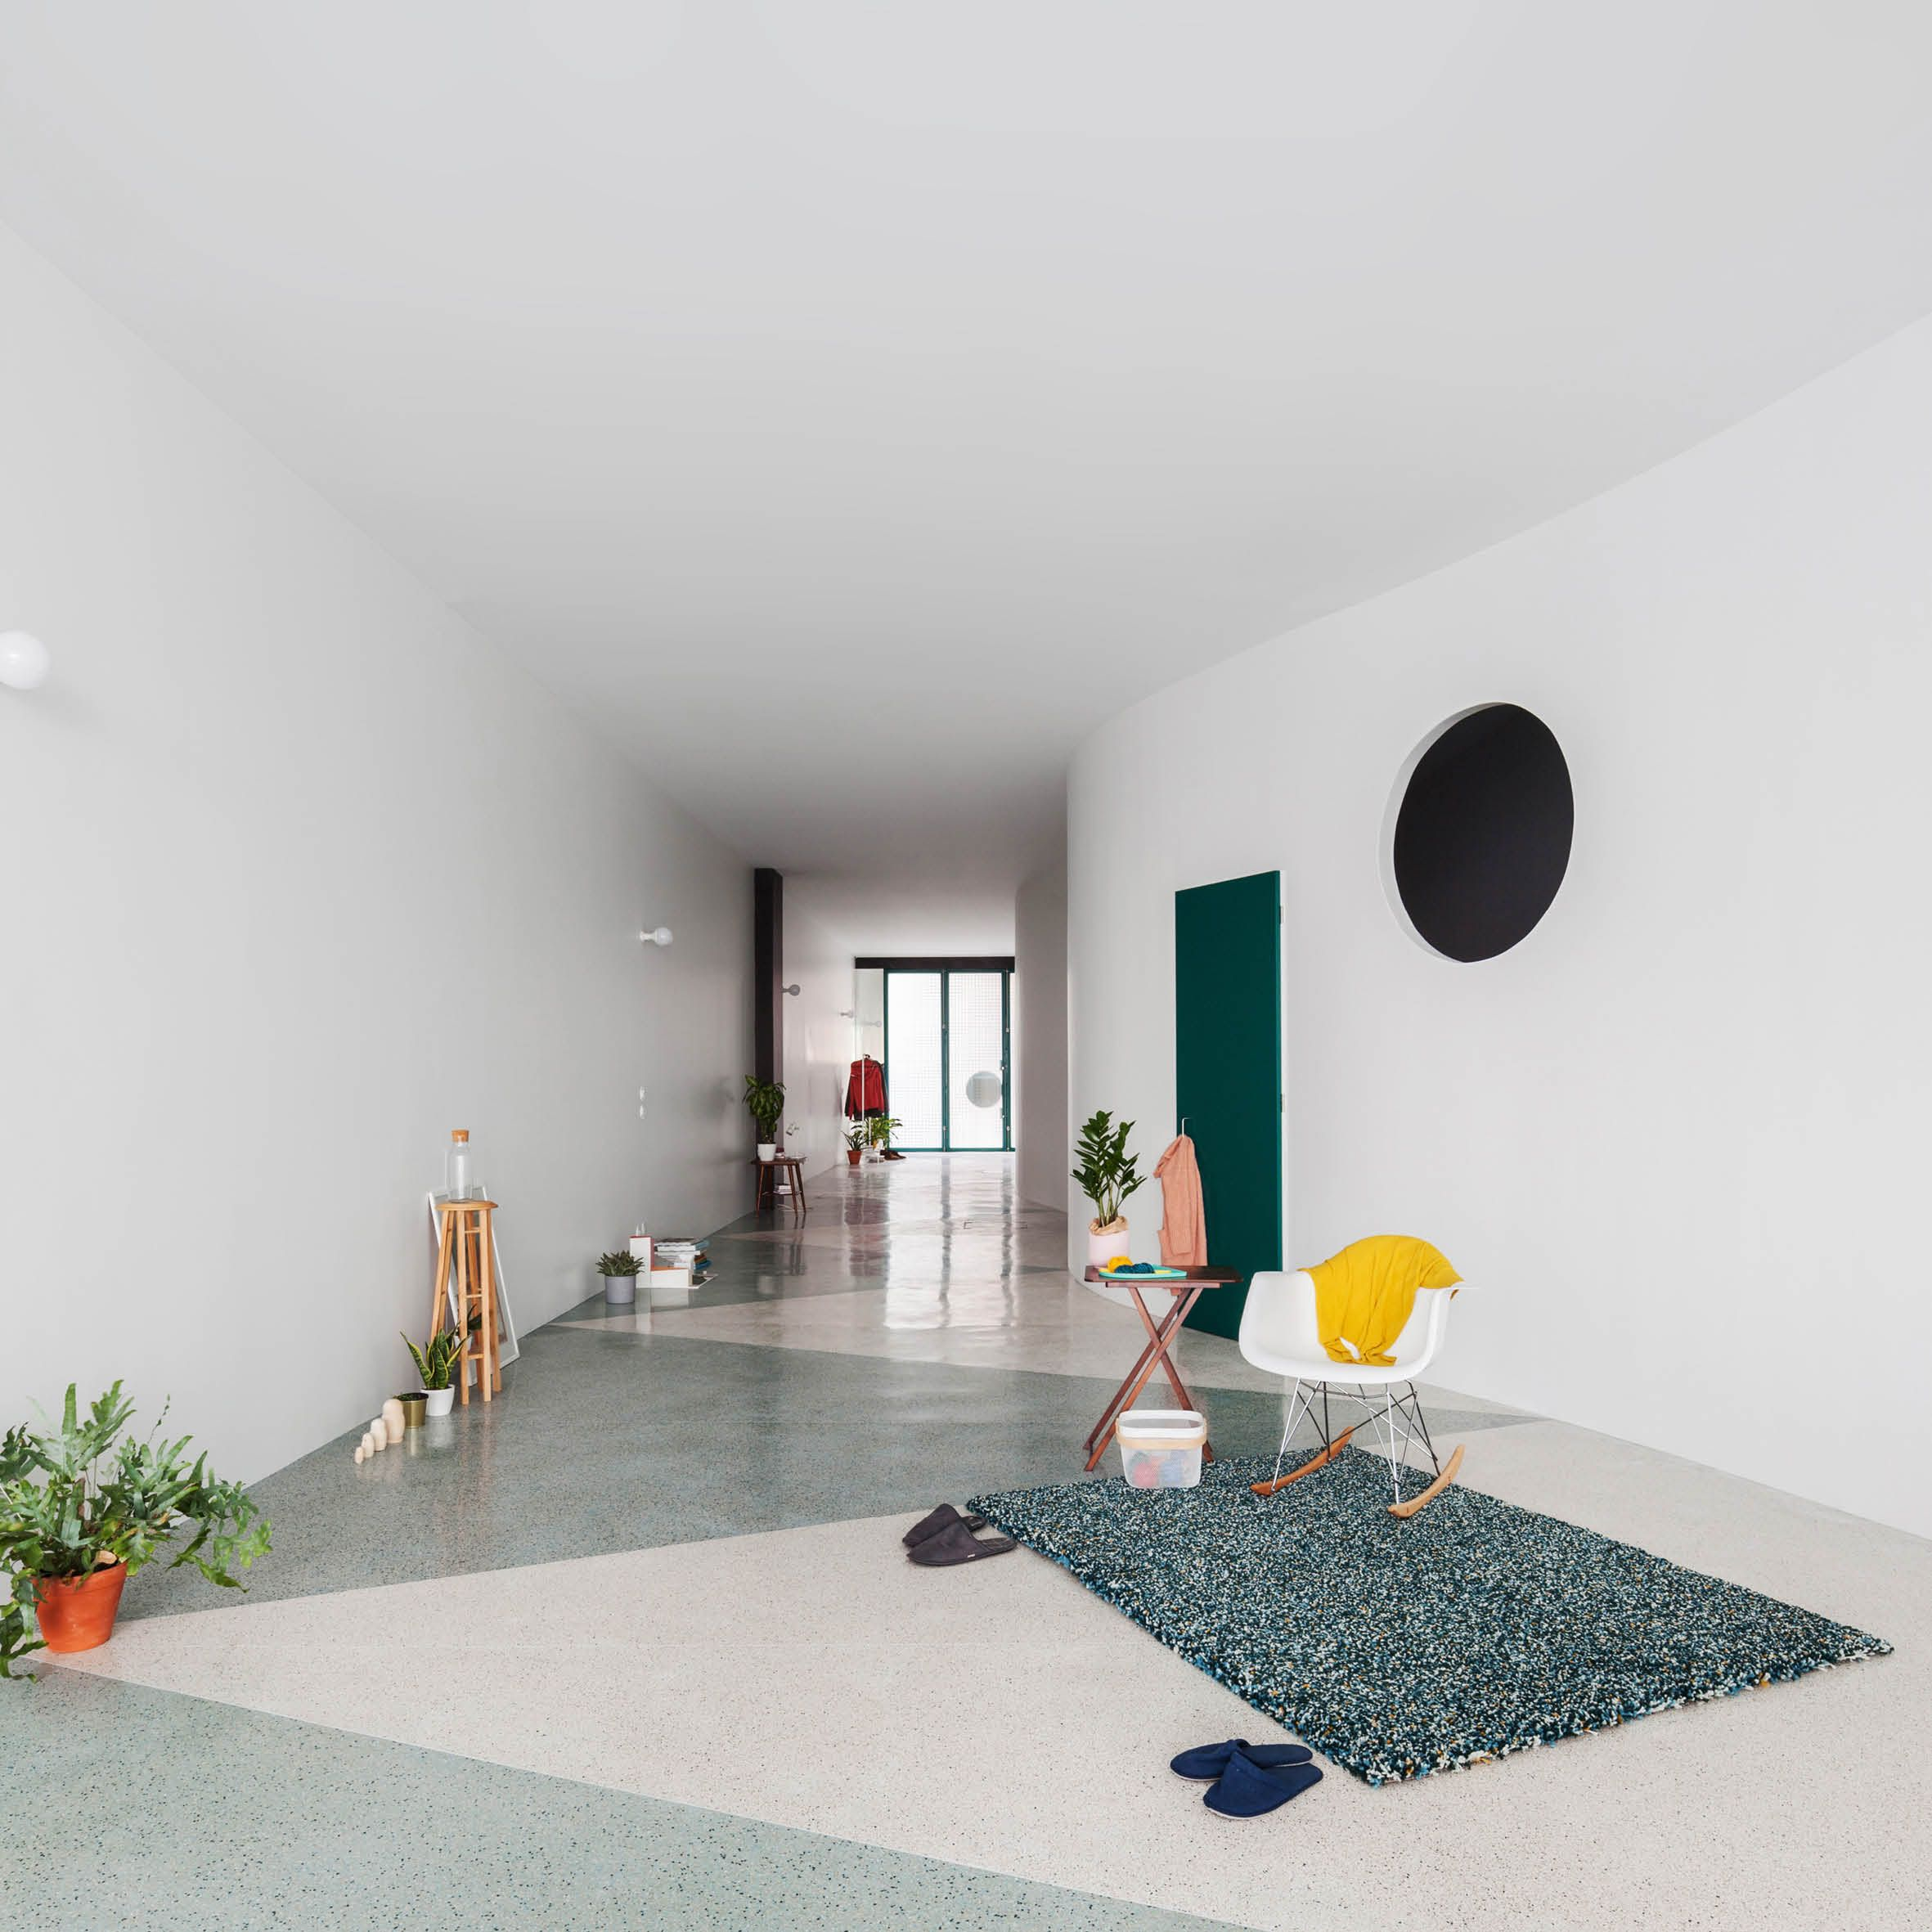 Trasformare Un Garage In Abitazione la ristrutturazione di un garage che diventa casa open space